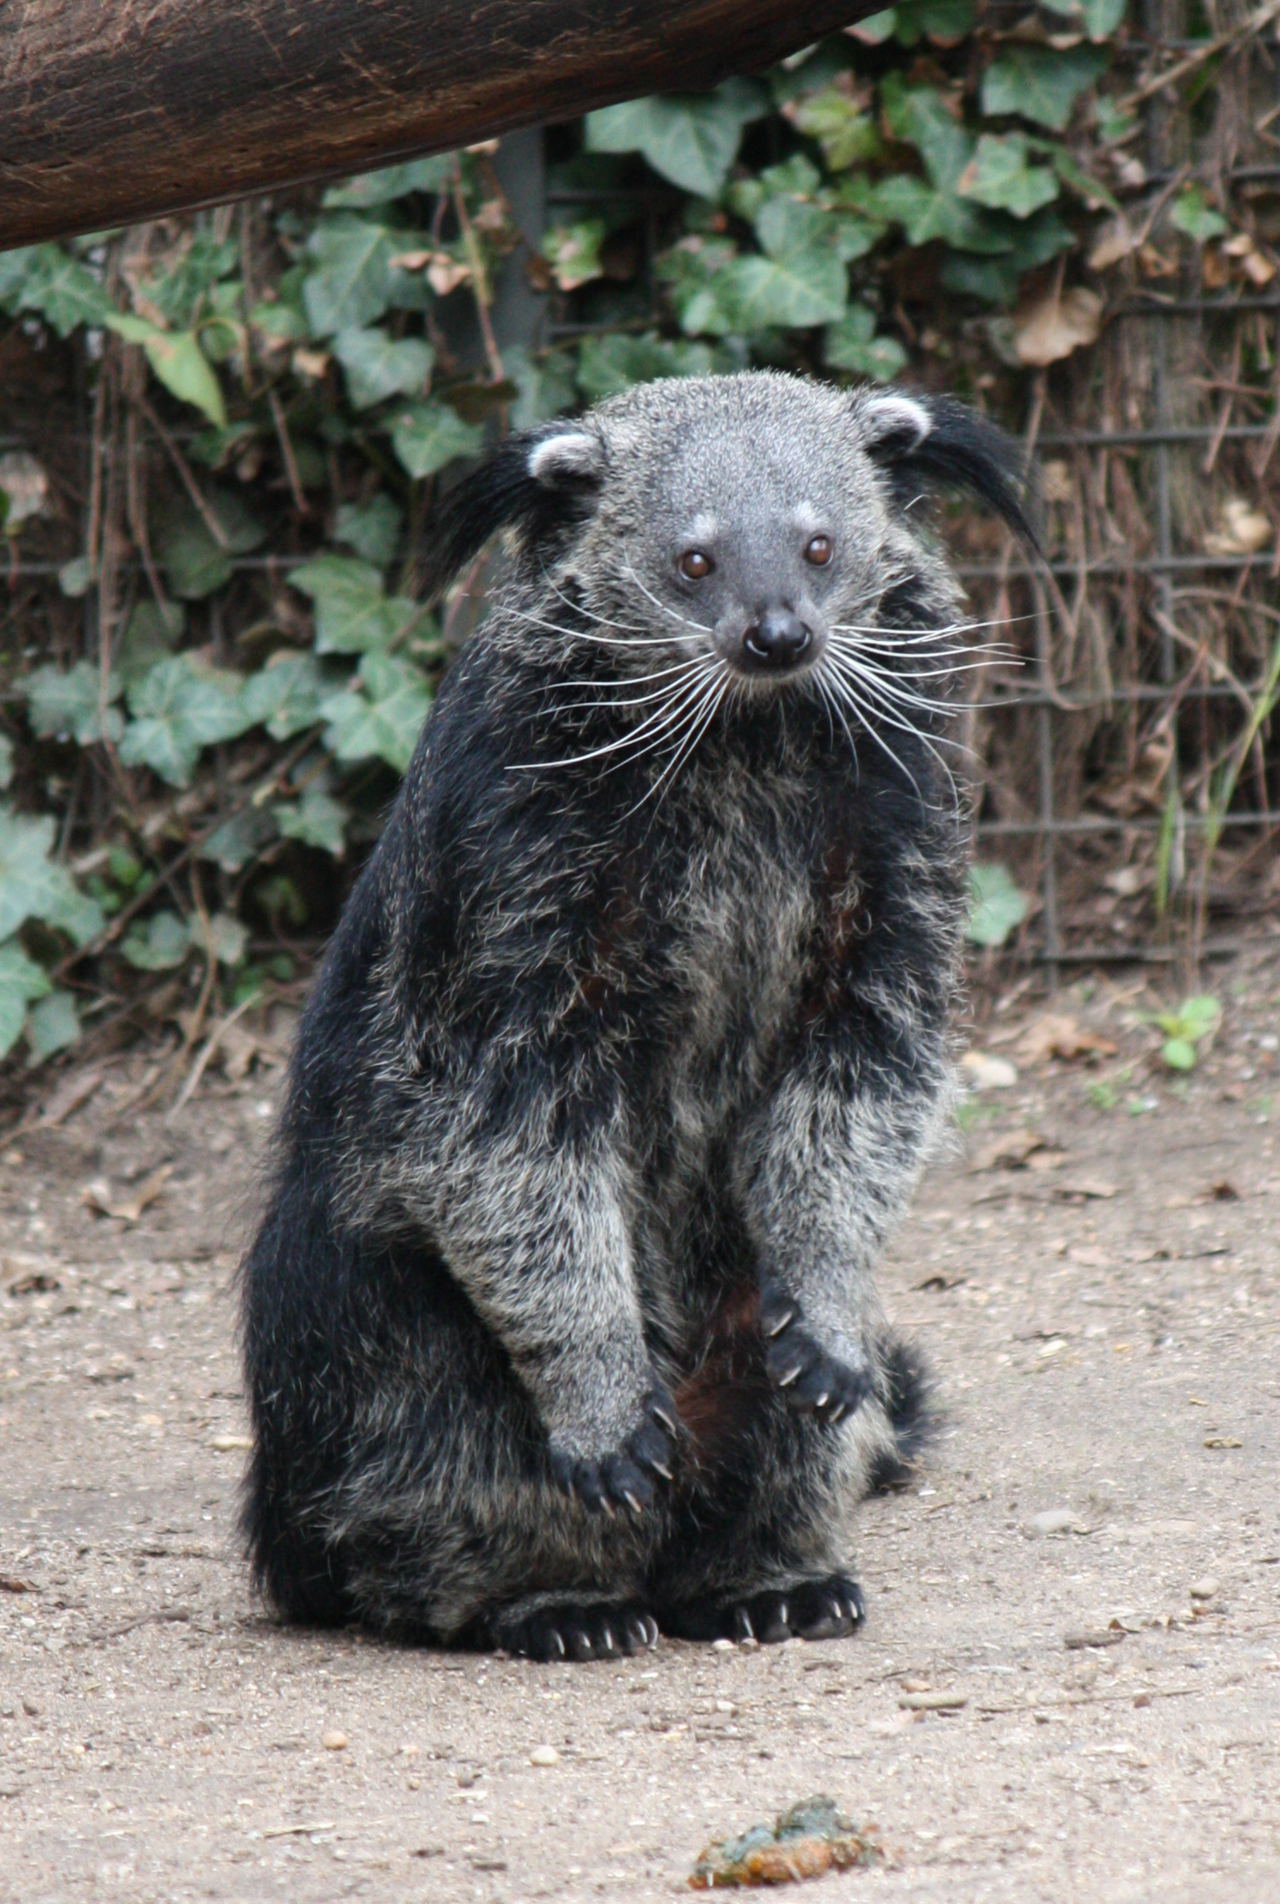 The binturong (Arctictis binturong), also known as bearcat